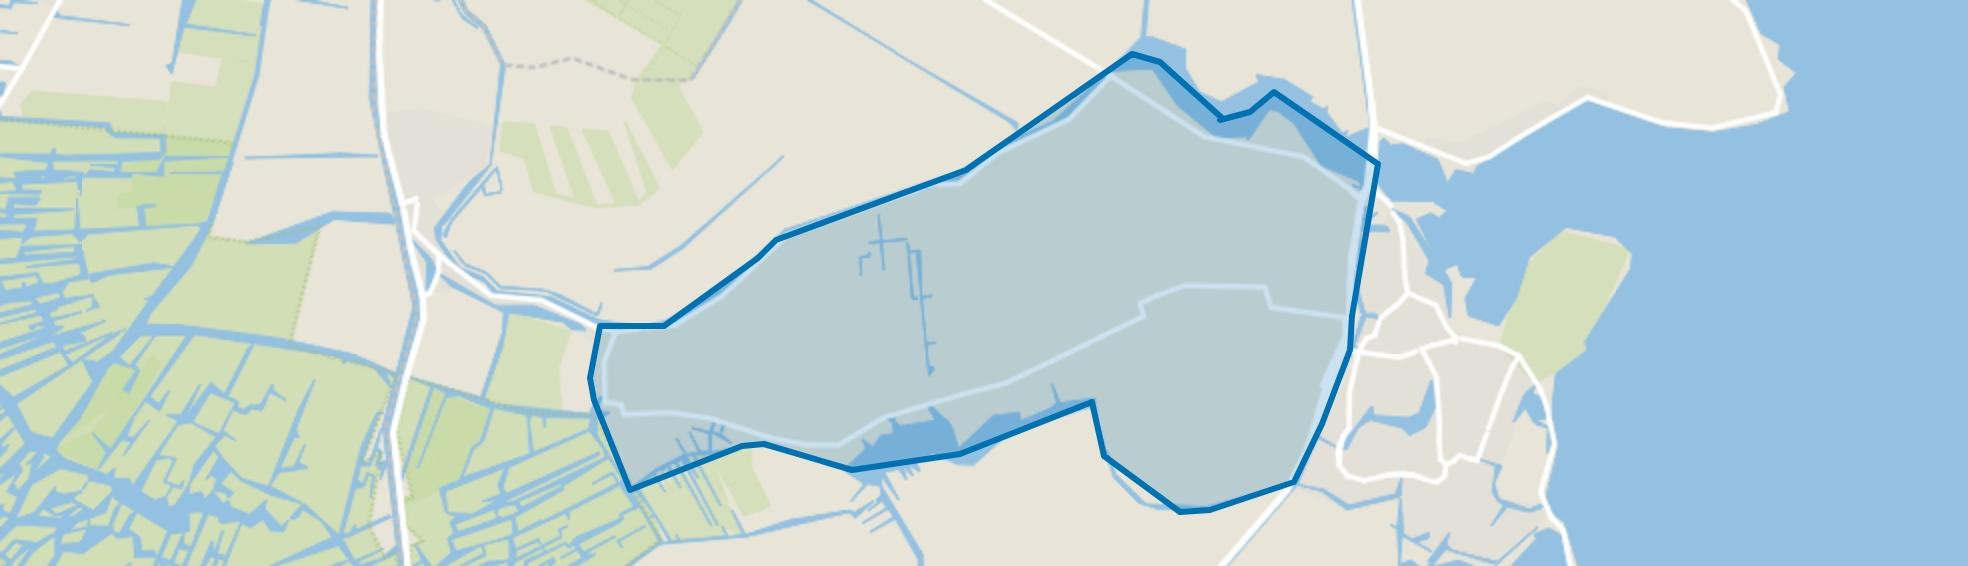 Verspreide huizen, Monnickendam map